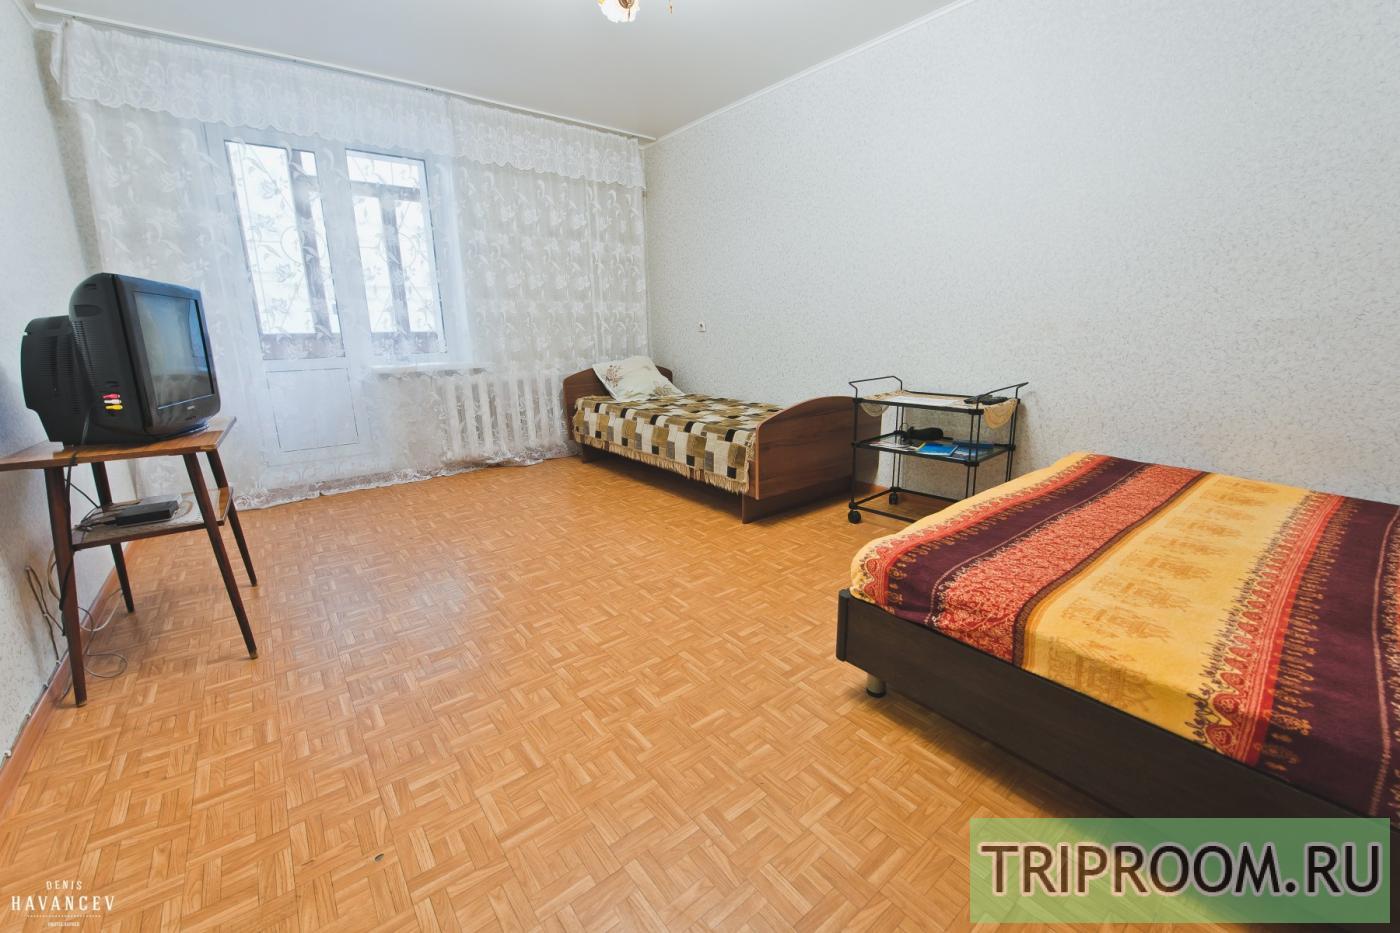 1-комнатная квартира посуточно (вариант № 14826), ул. Радищева улица, фото № 1